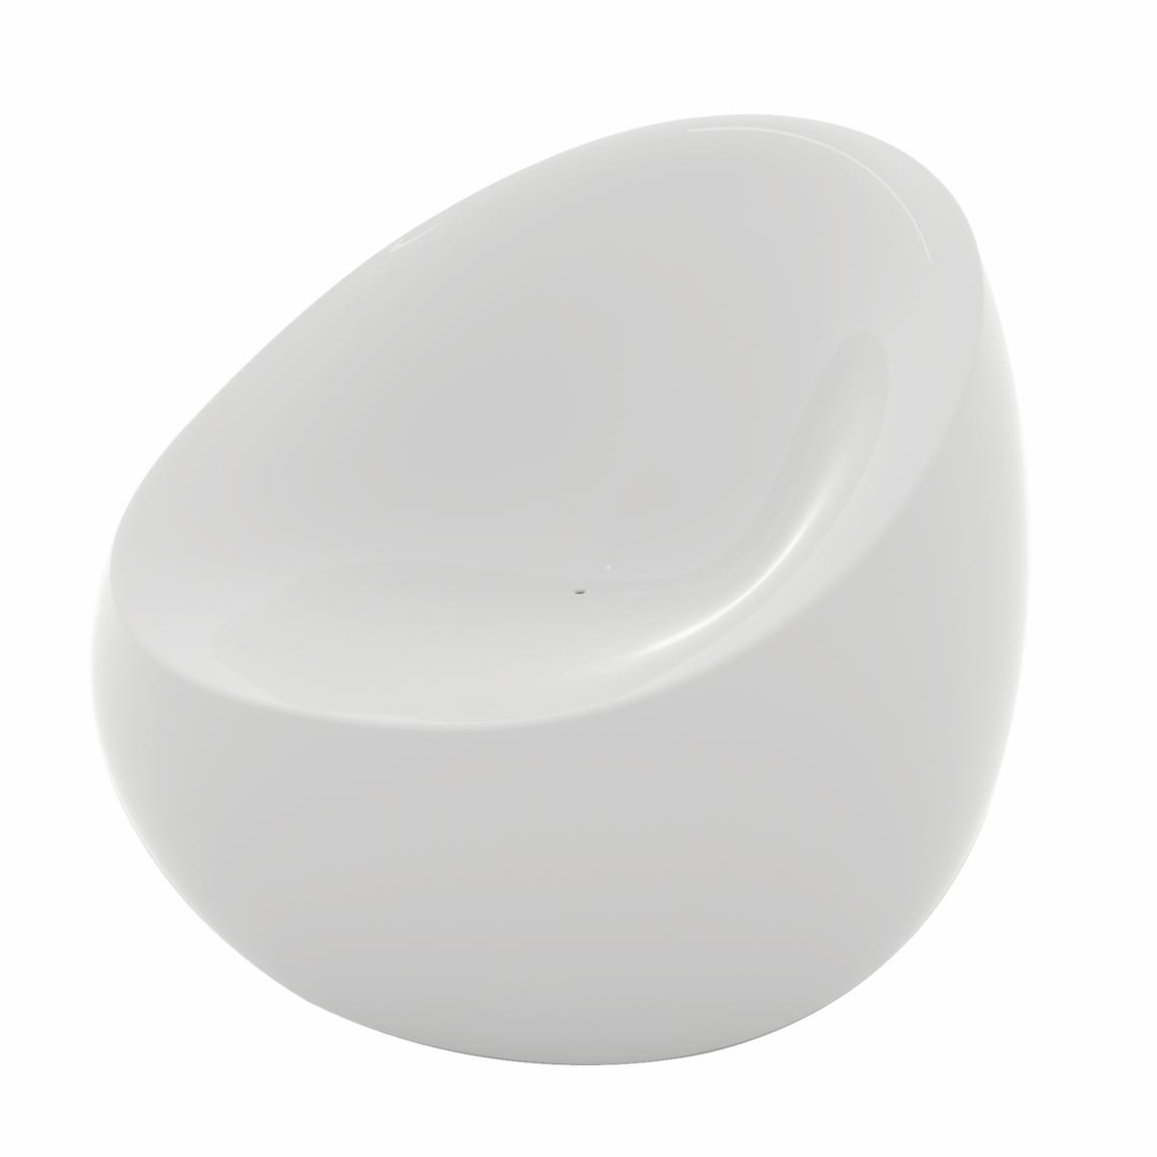 Vondom Stones Sessel, weiß glänzend